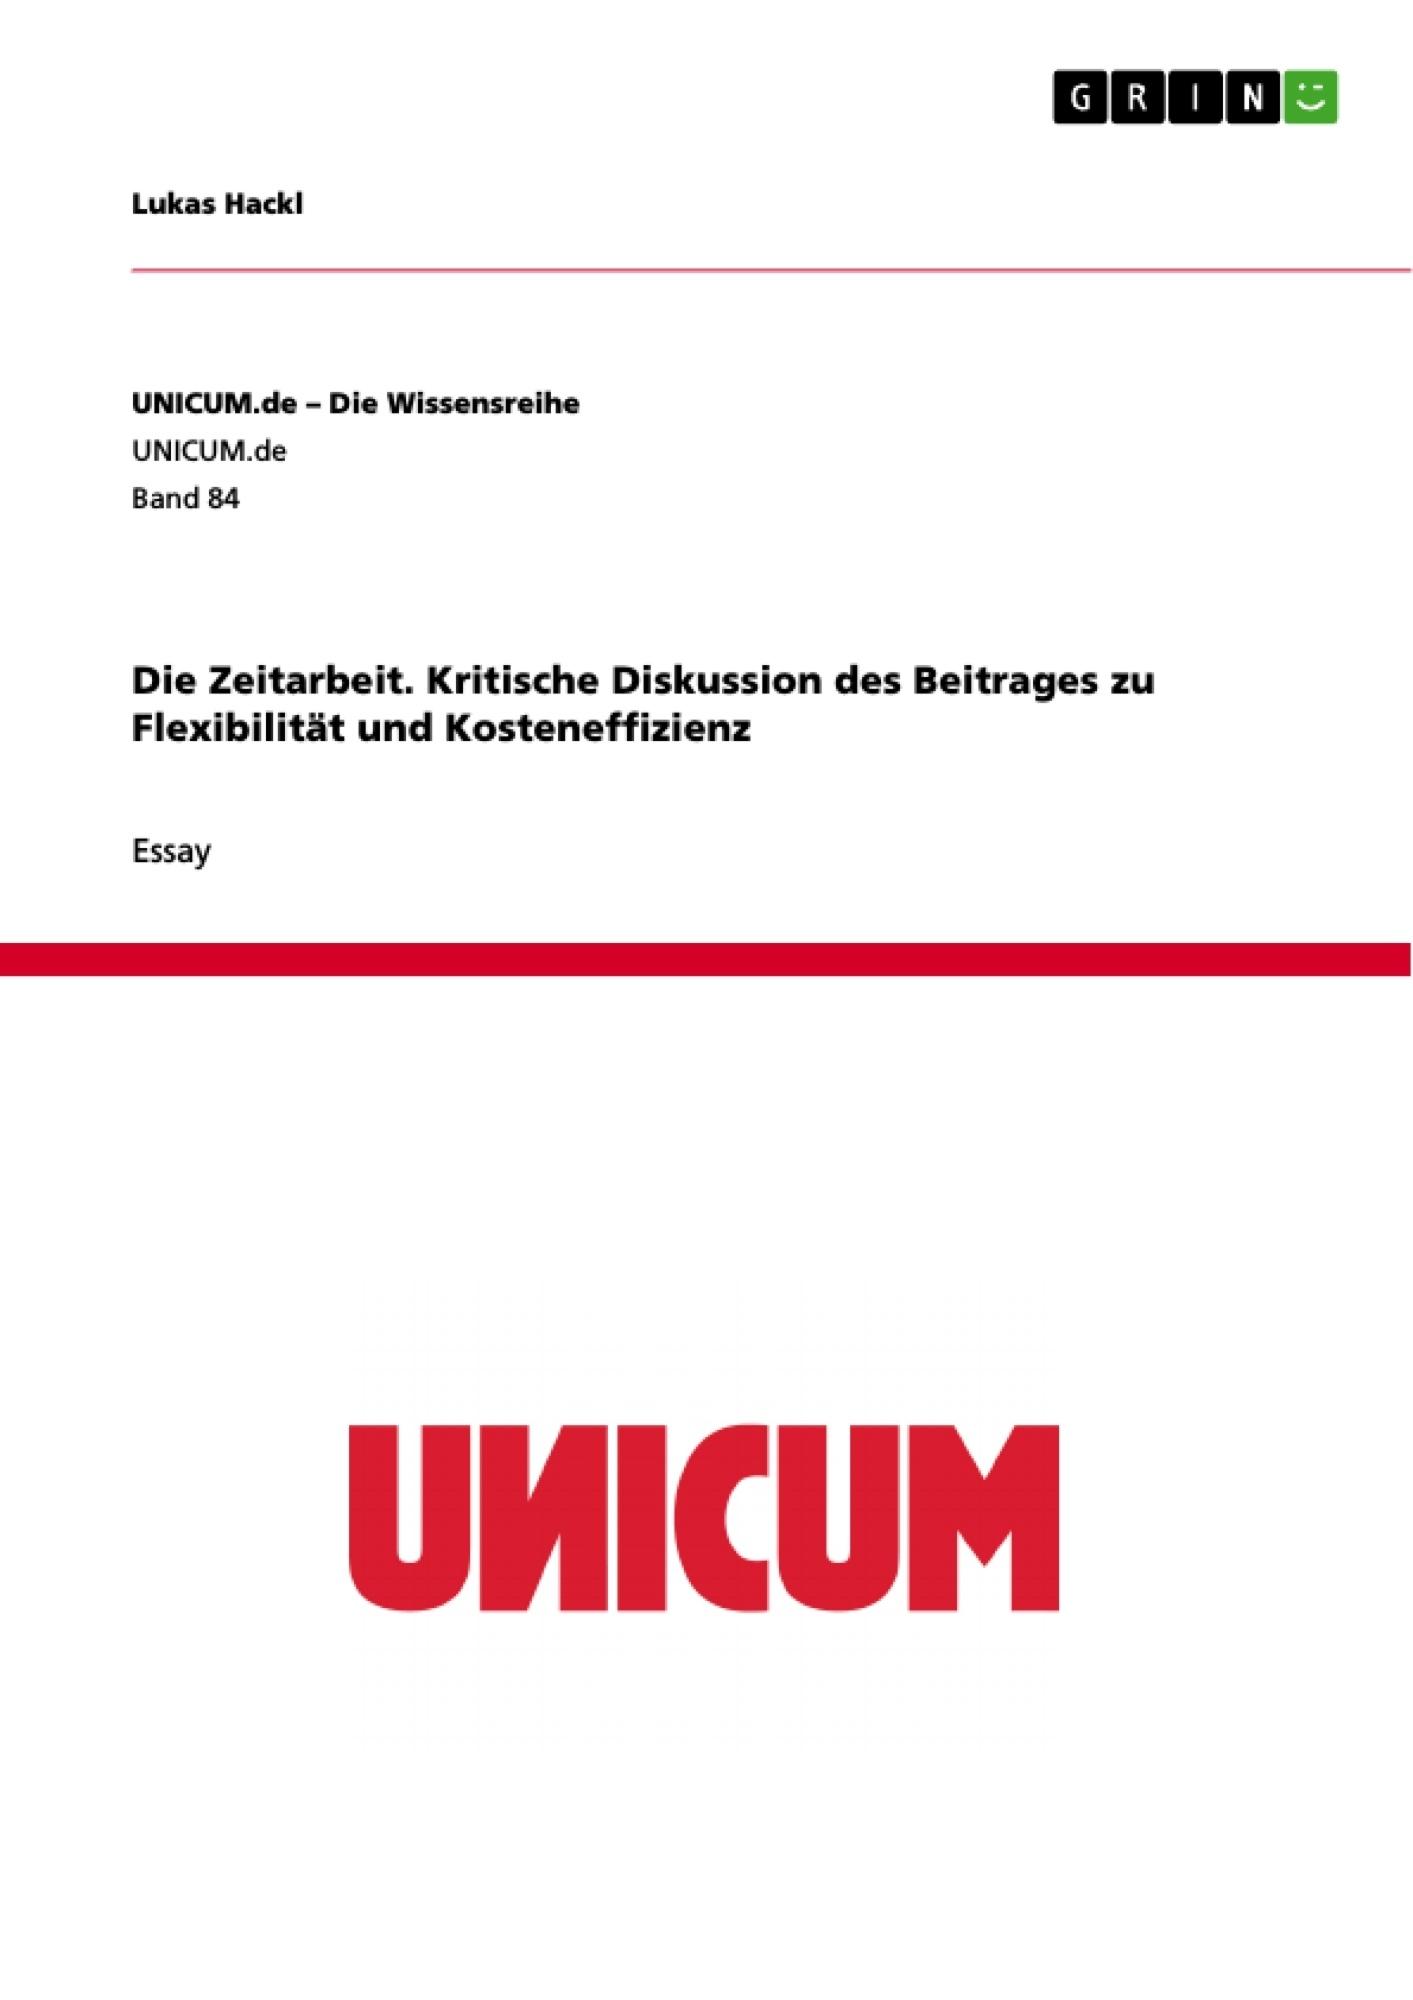 Titel: Die Zeitarbeit. Kritische Diskussion des Beitrages zu Flexibilität und Kosteneffizienz